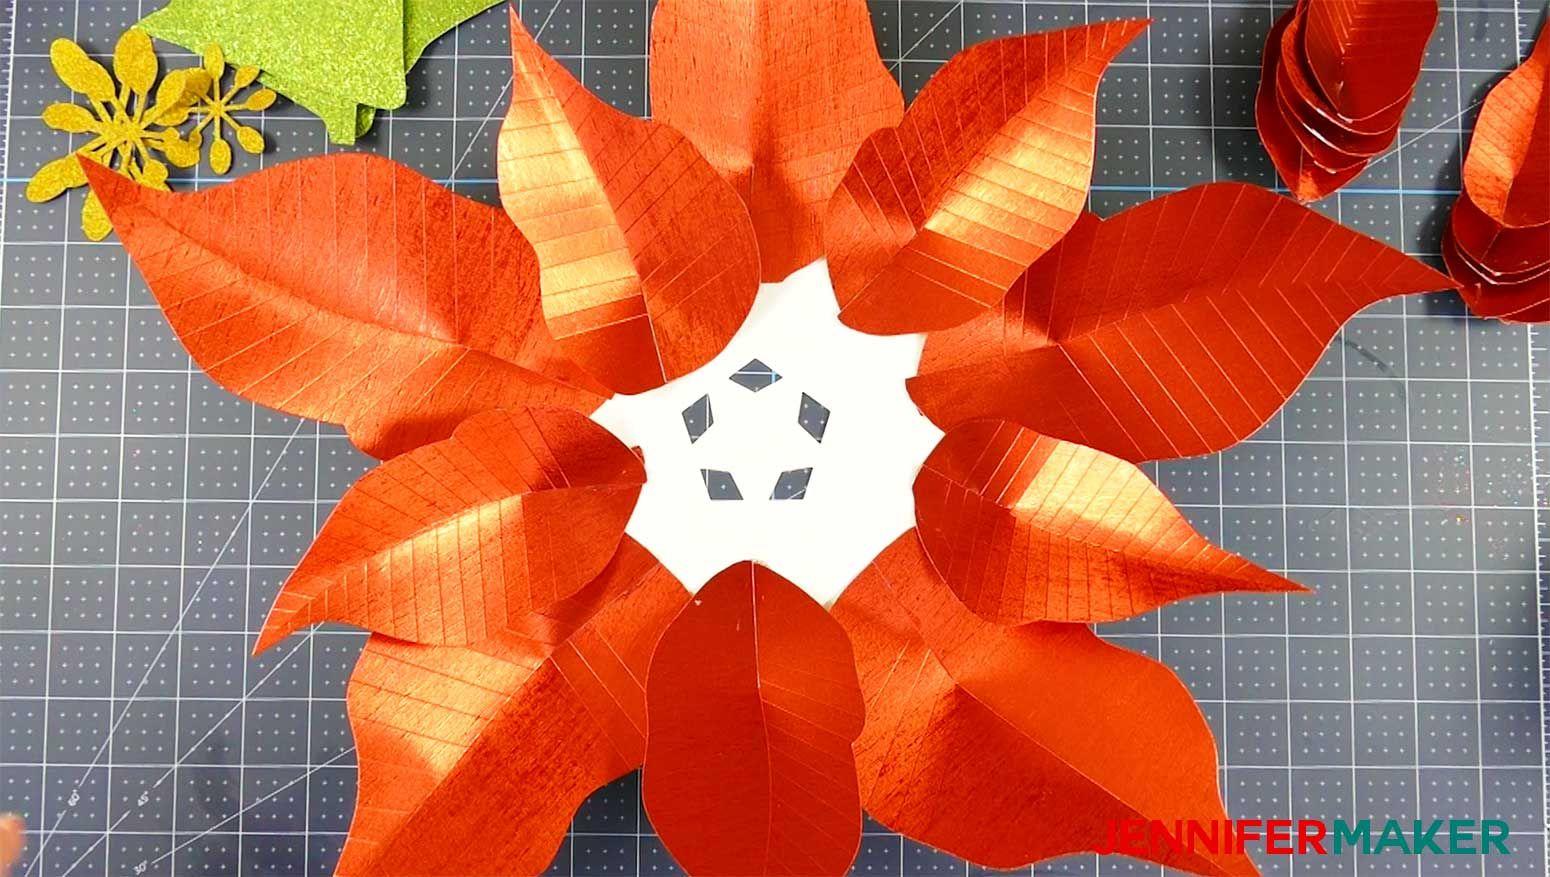 Giant Paper Poinsettia Flower Pattern Jennifer Maker